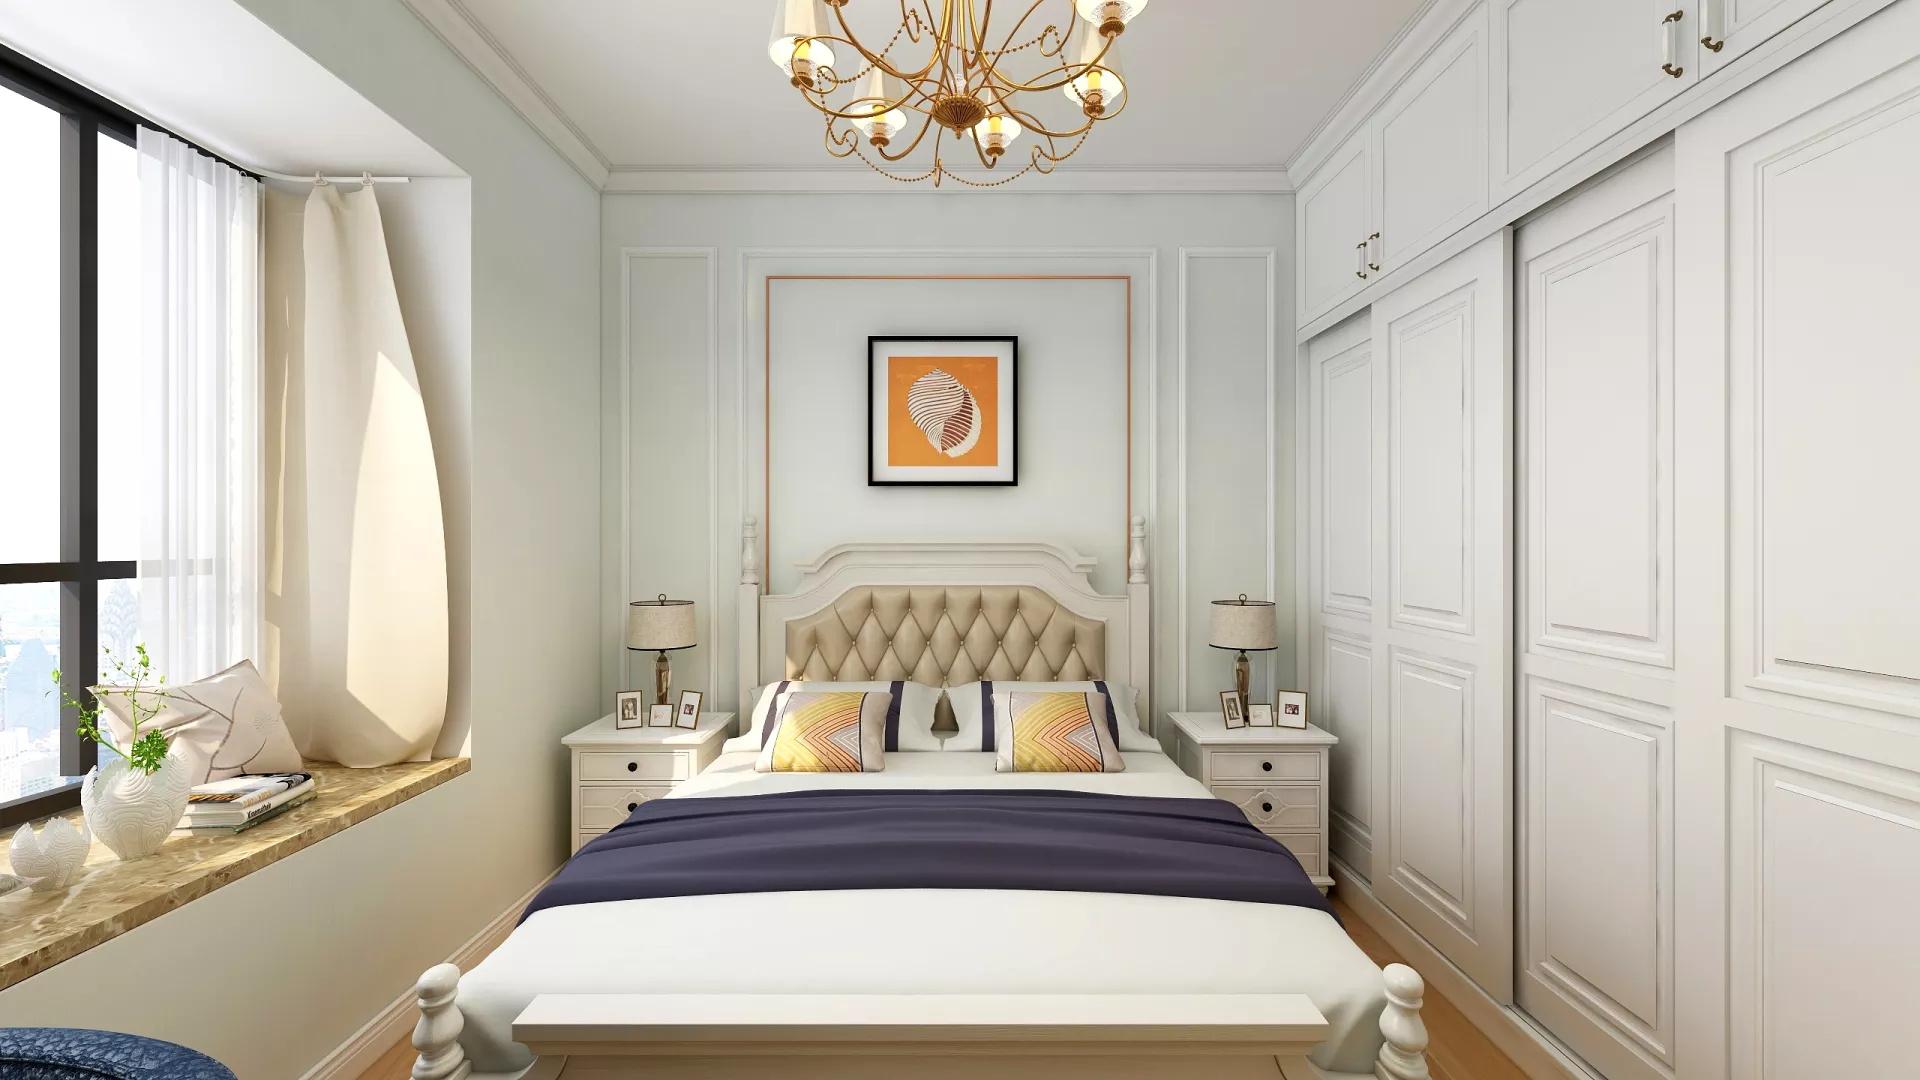 清新简约宜家风开放式家居设计效果图